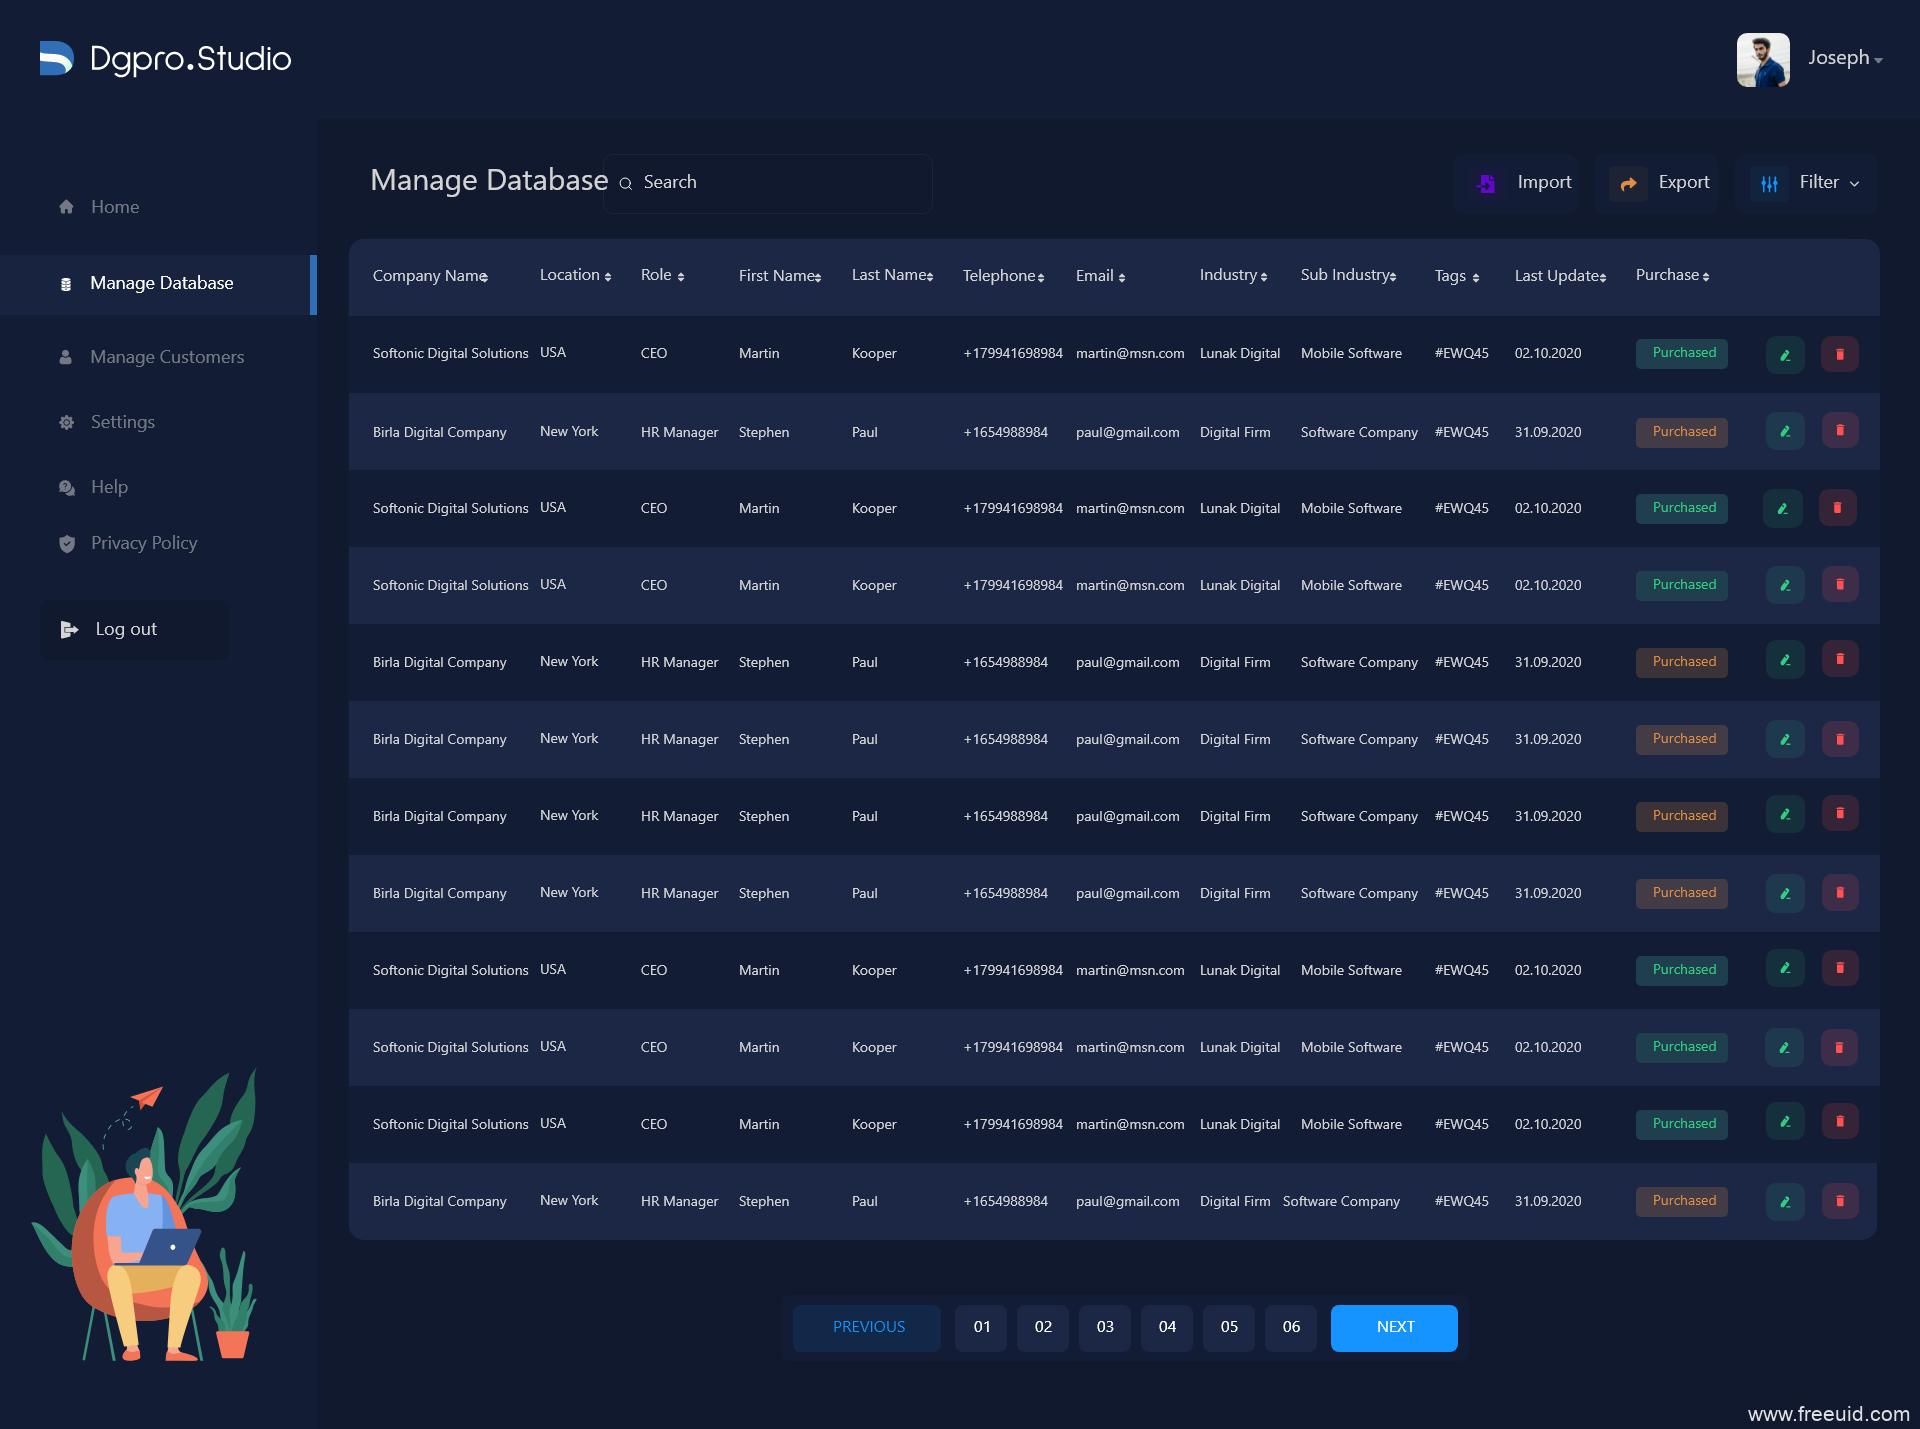 深色toB后台dashboard模板下载,暗色模式后台UI,B端UI源文件下载,B端后台管理UI资源xd源文件